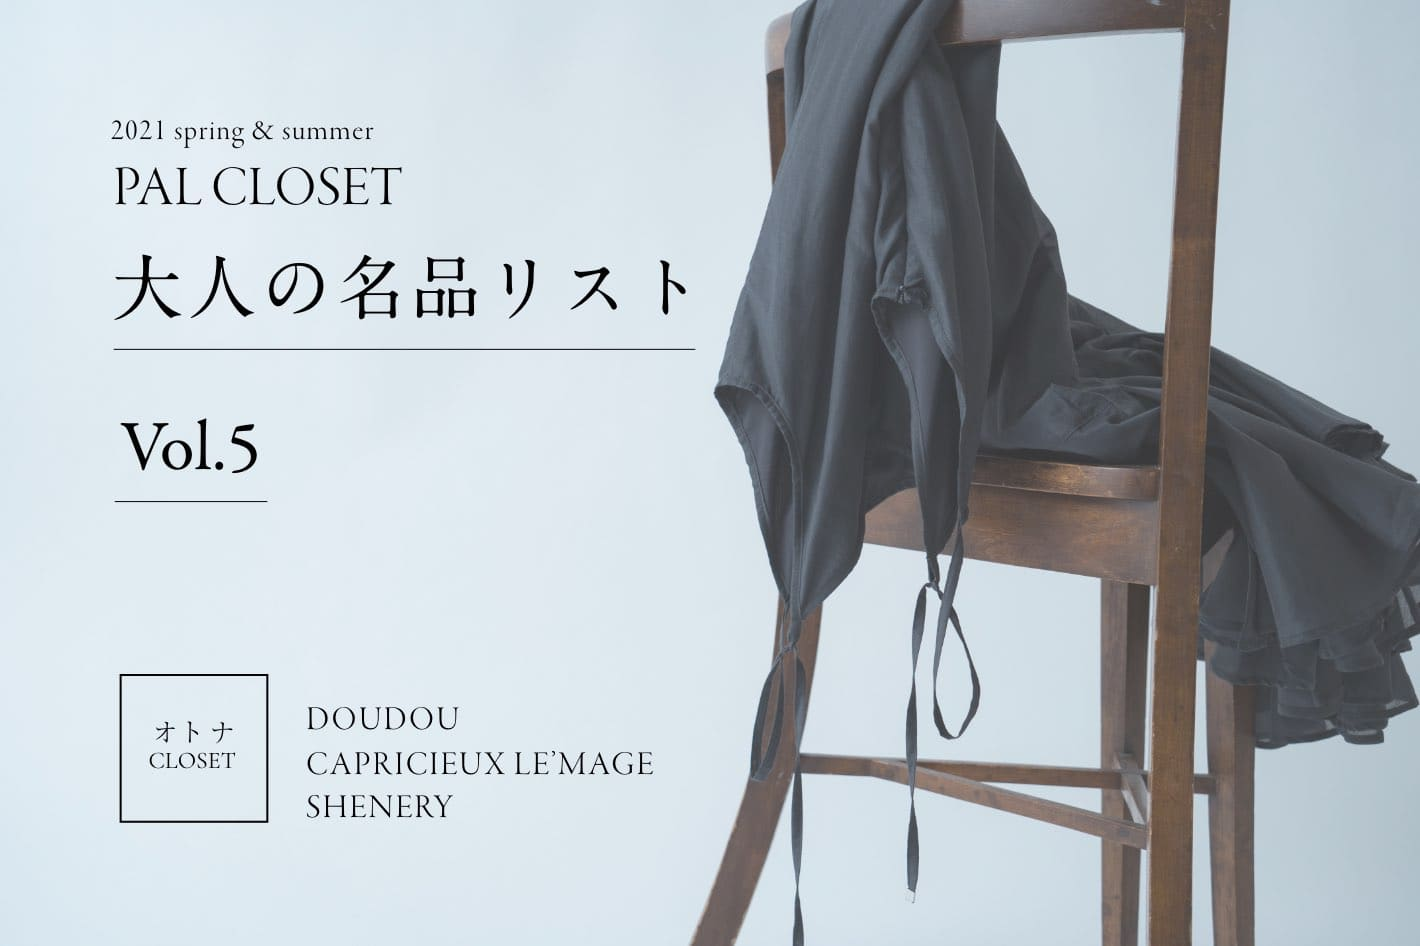 【オトナCLOSET】オトナの名品リスト Vol.5